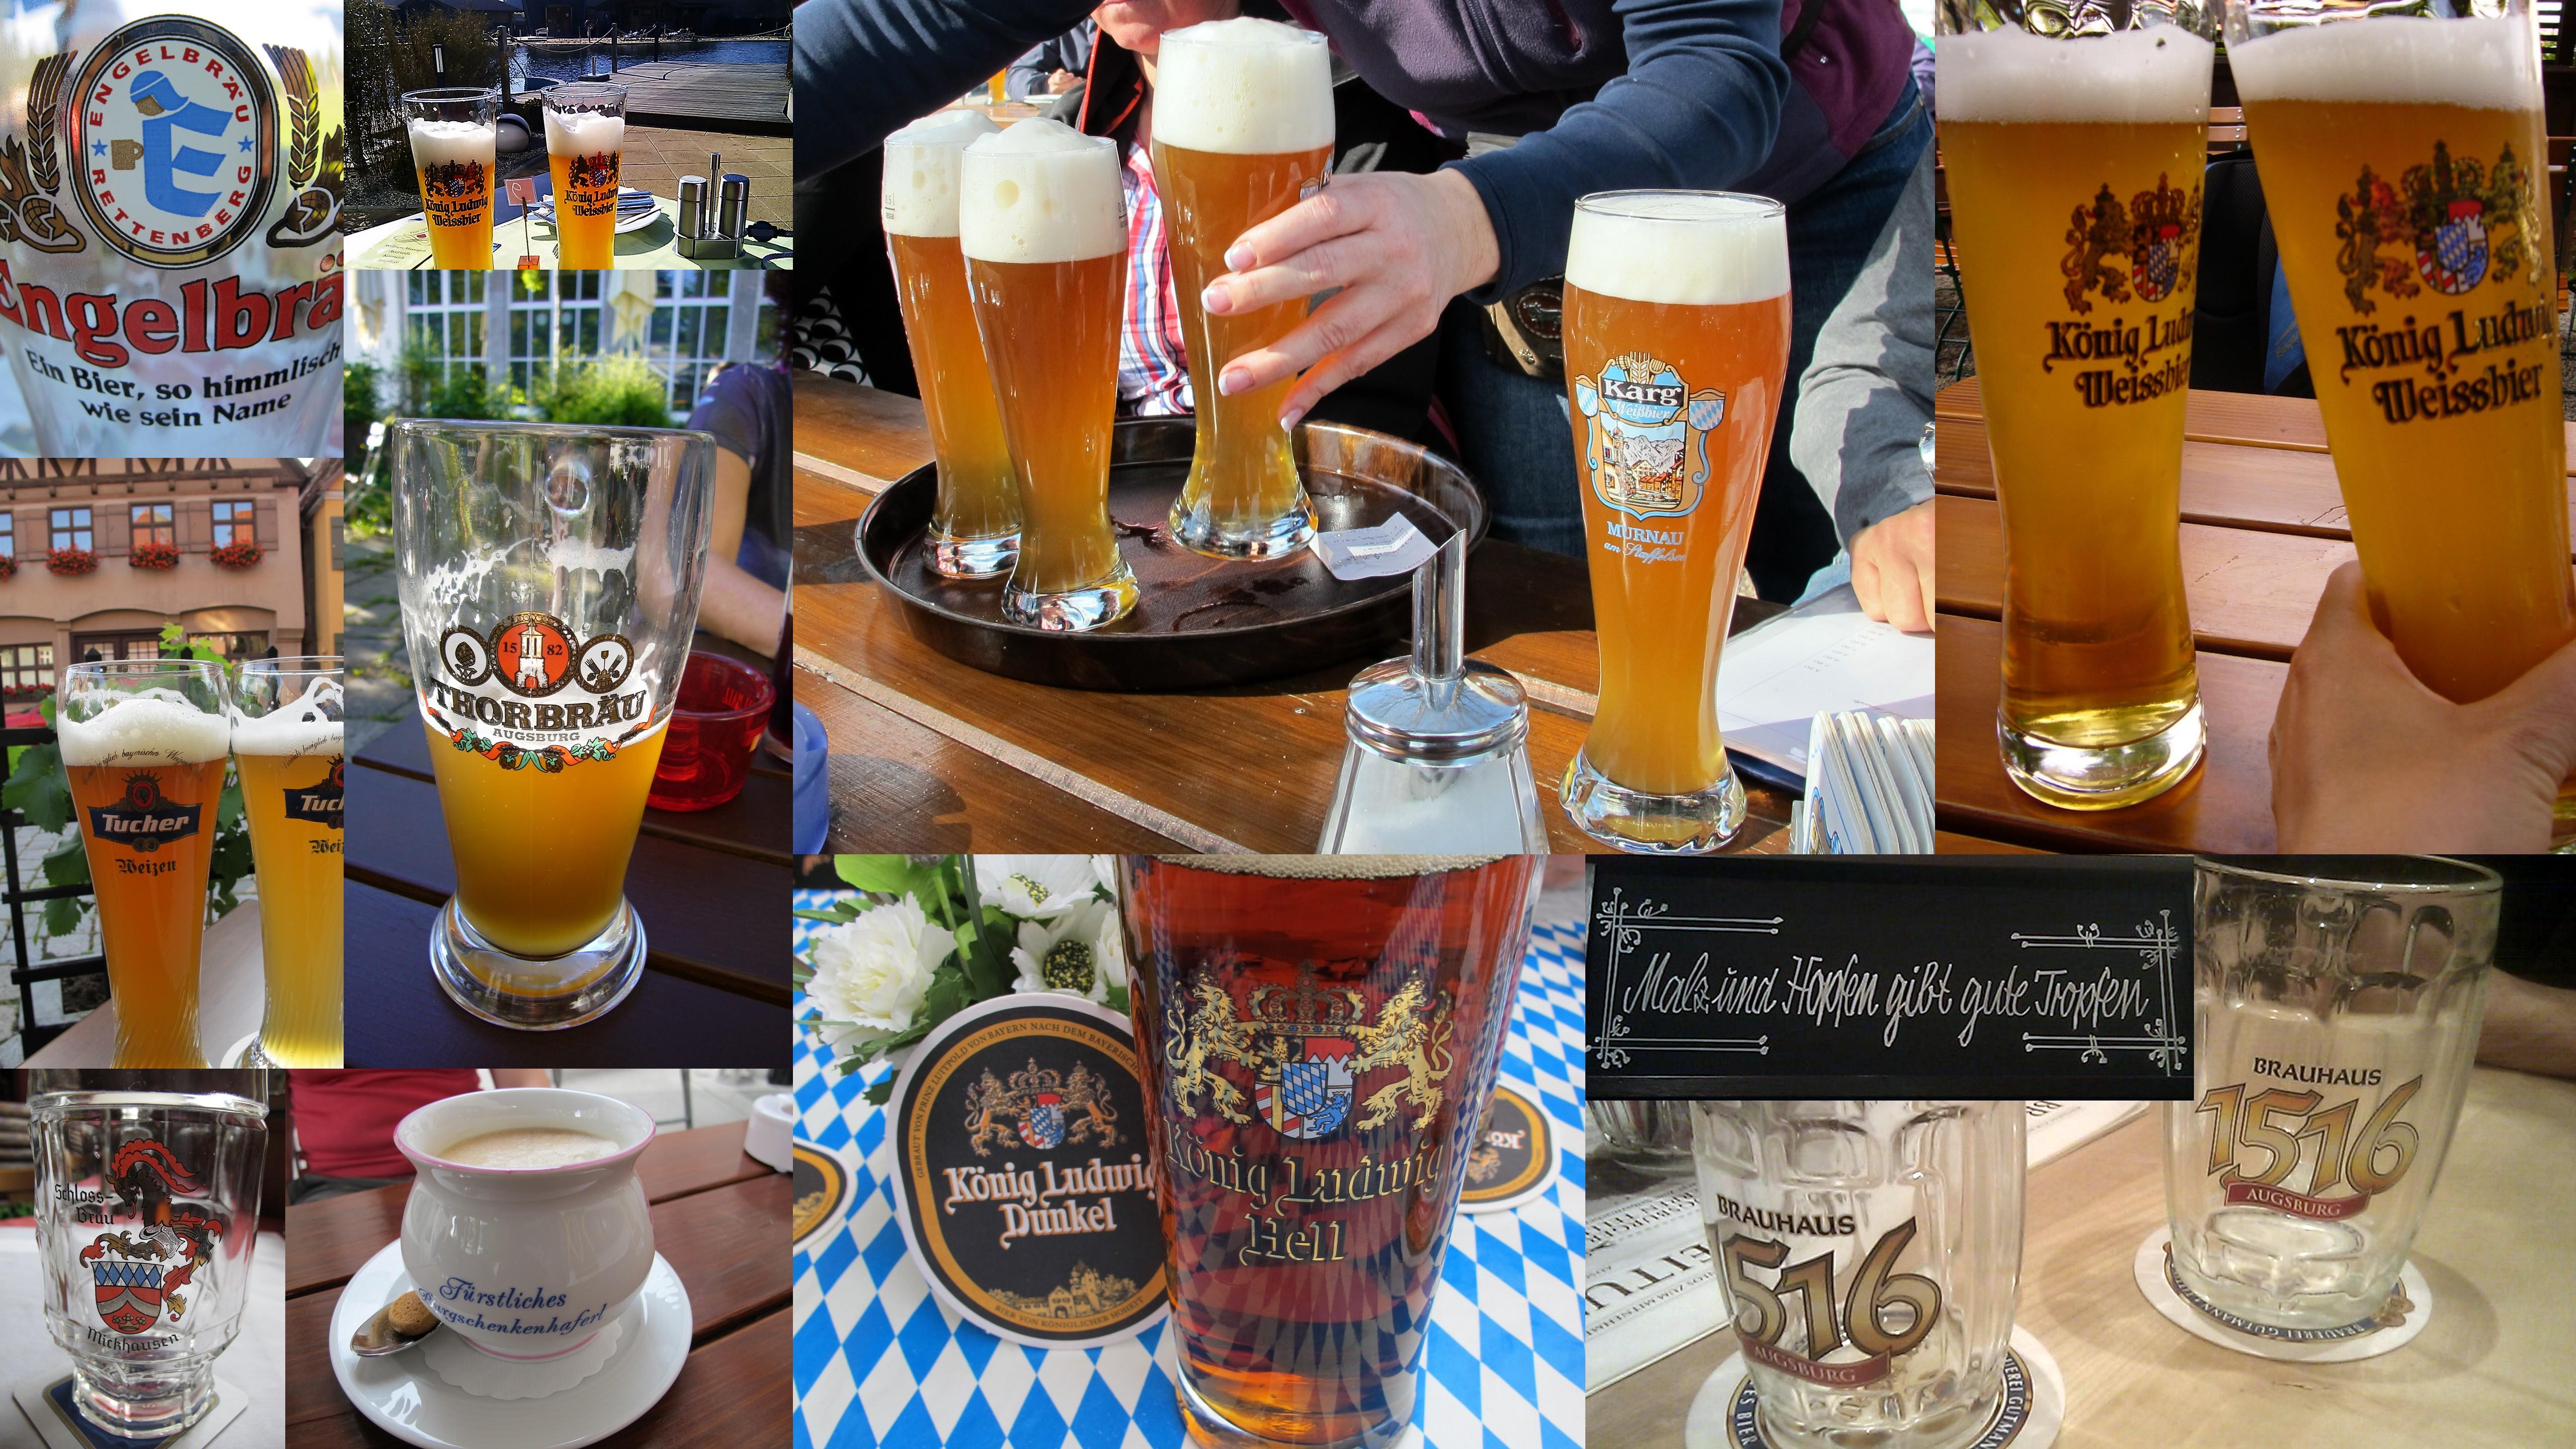 30 Jahre Bayern – nicht ganz ernst gemeint;-)